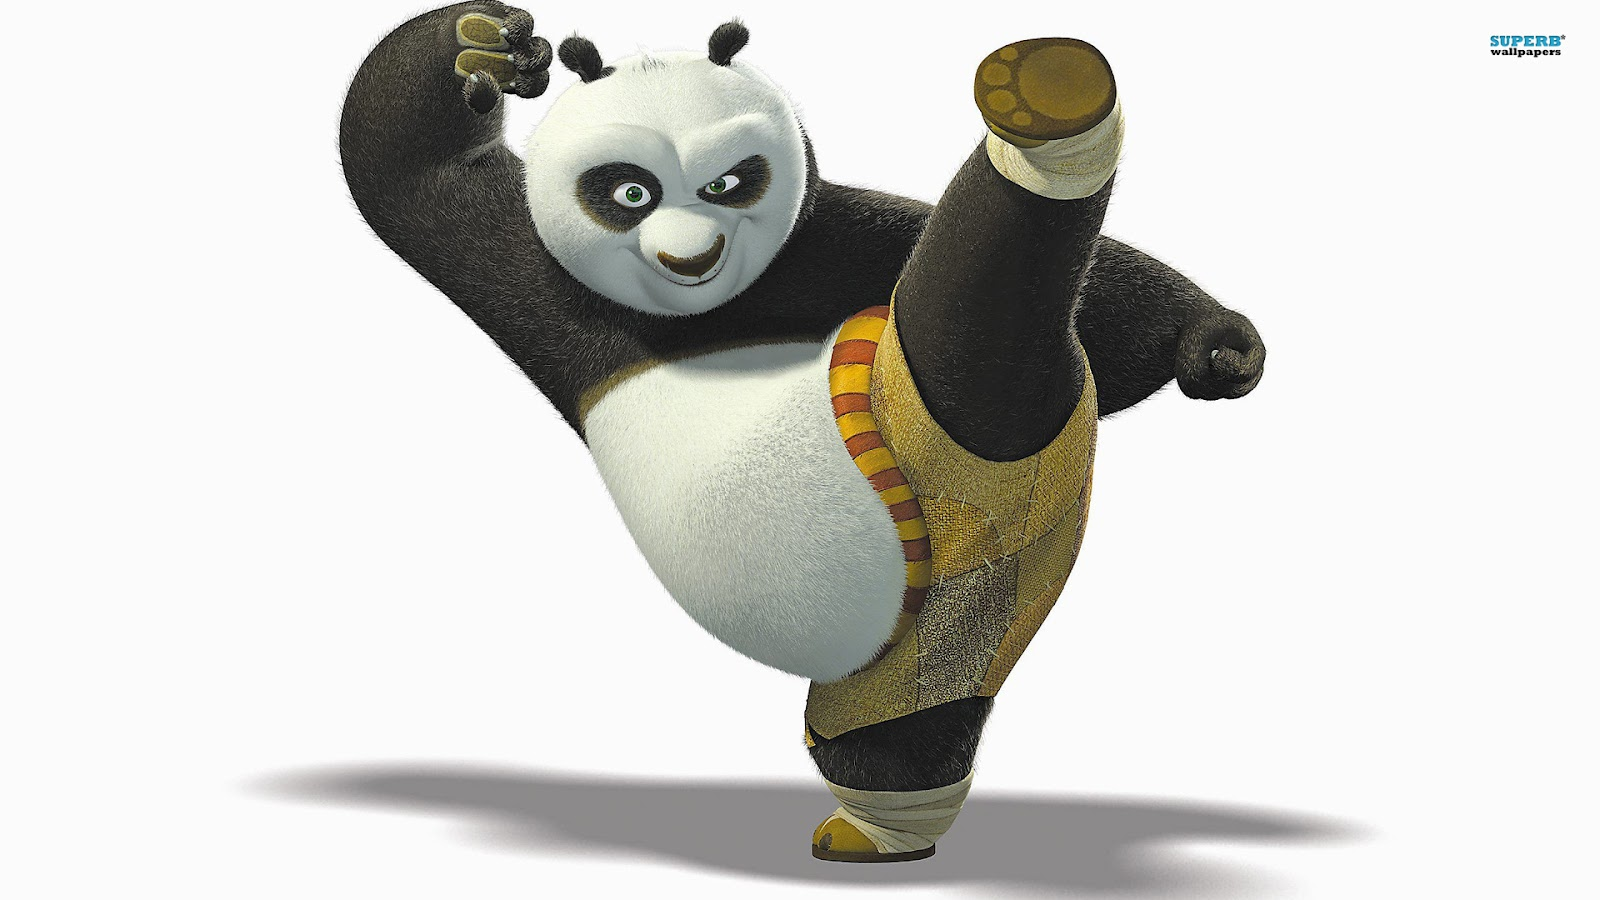 New blog pics hd wallpapers of kung fu panda 2 - Kung fu panda wallpaper ...